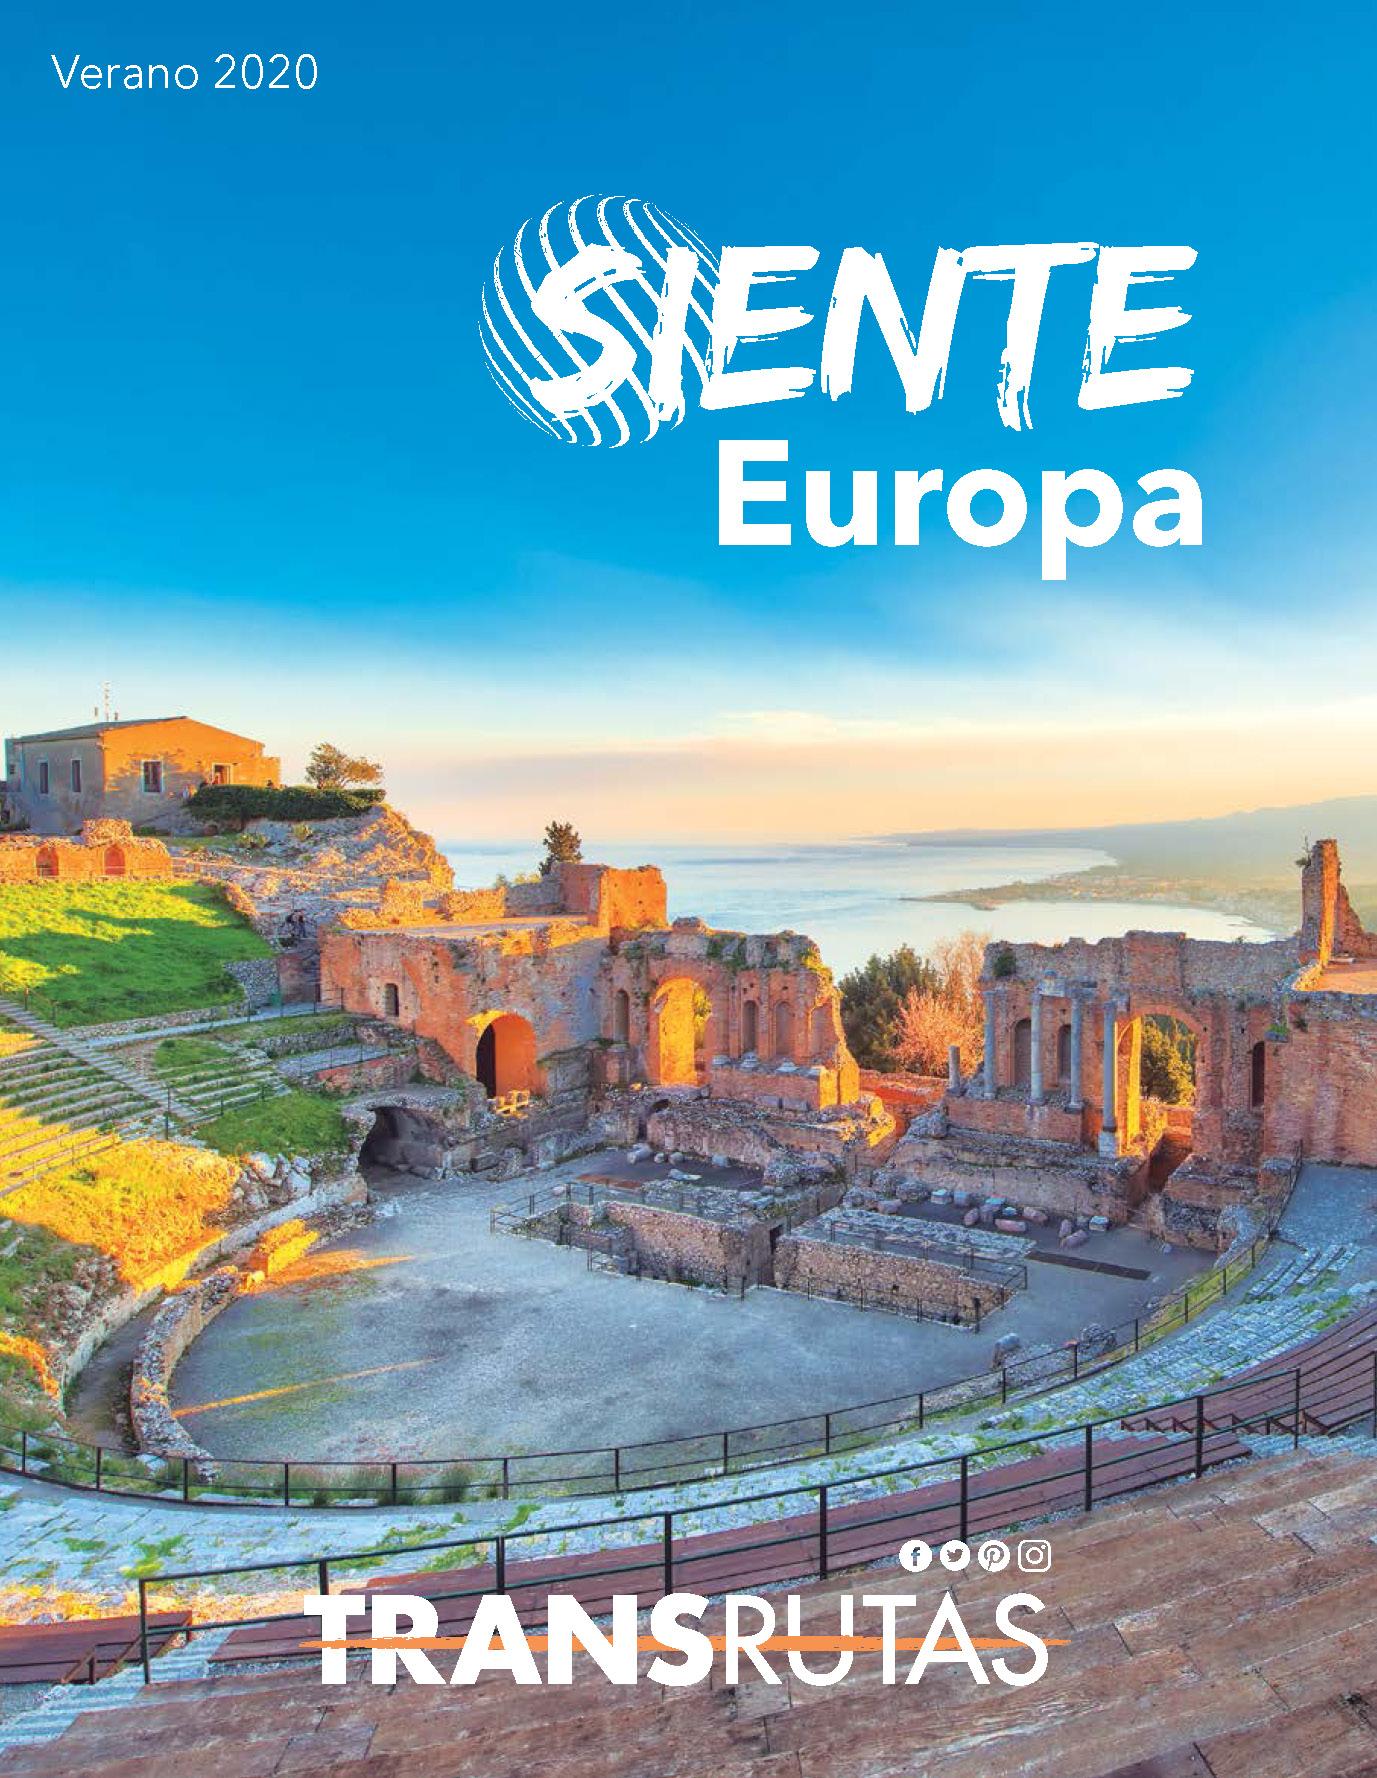 Catalogo Transrutas Siente Europa Verano 2020